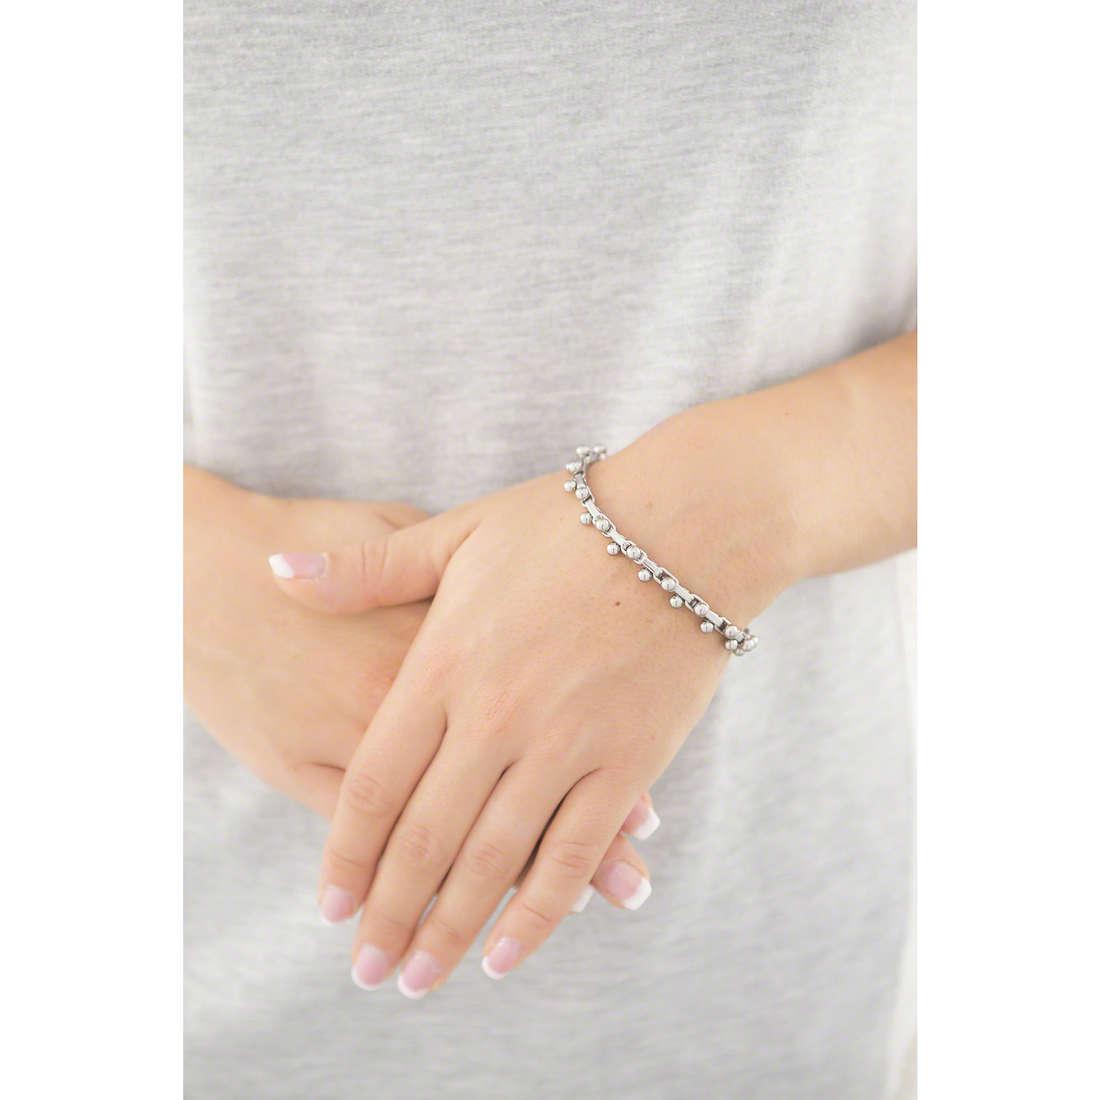 Emporio Armani bracciali donna EGS2244040 indosso